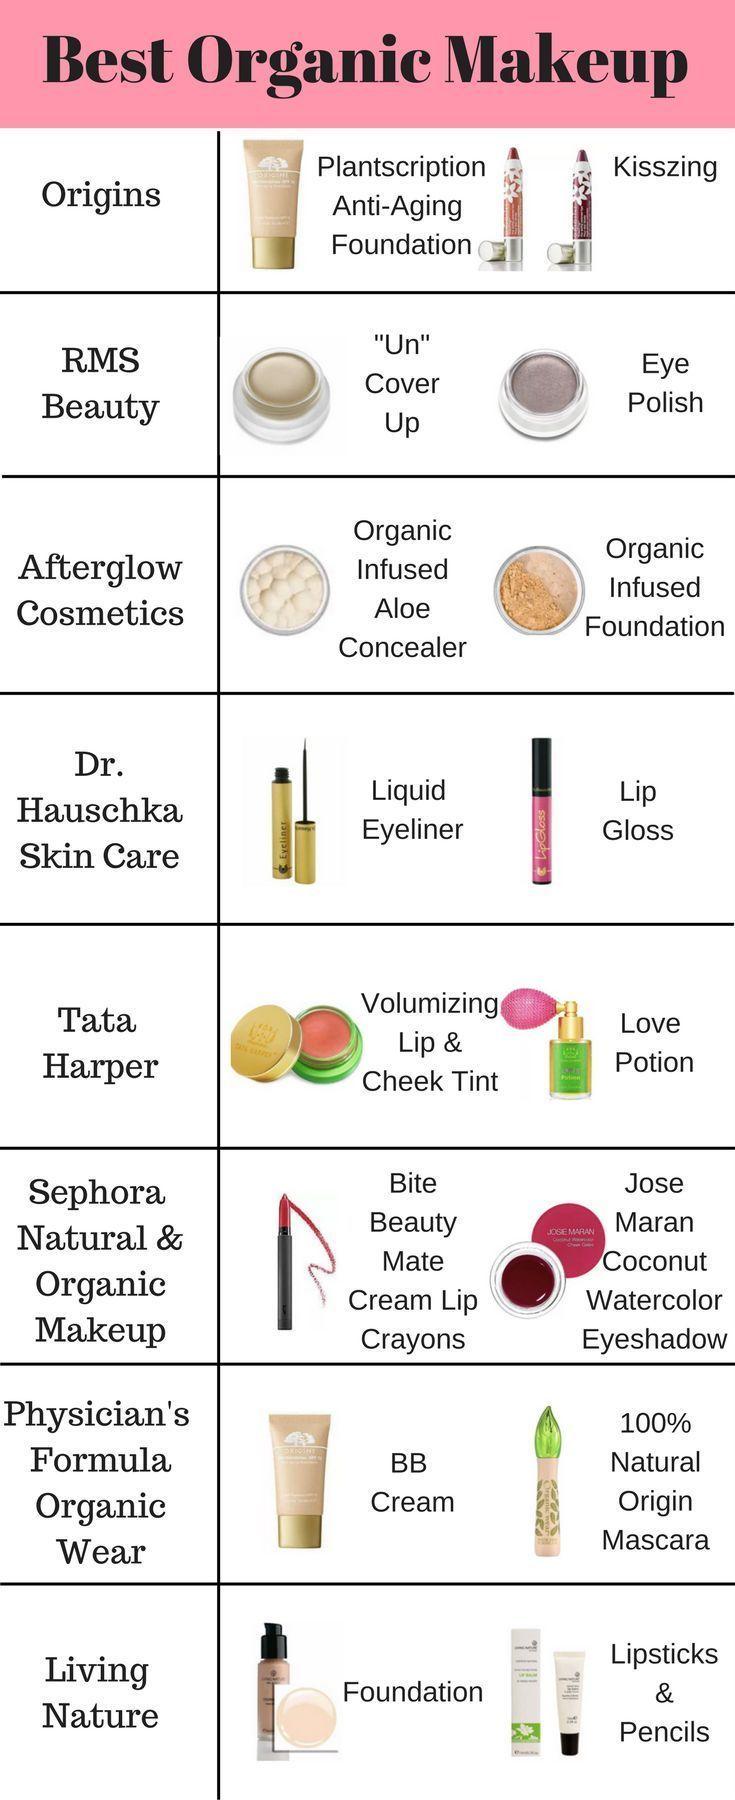 Beste Bio-Make-up-Marken 2018  Beste Bio-Make-up-Liste  #beste #BioMakeupMarken … – makeup products